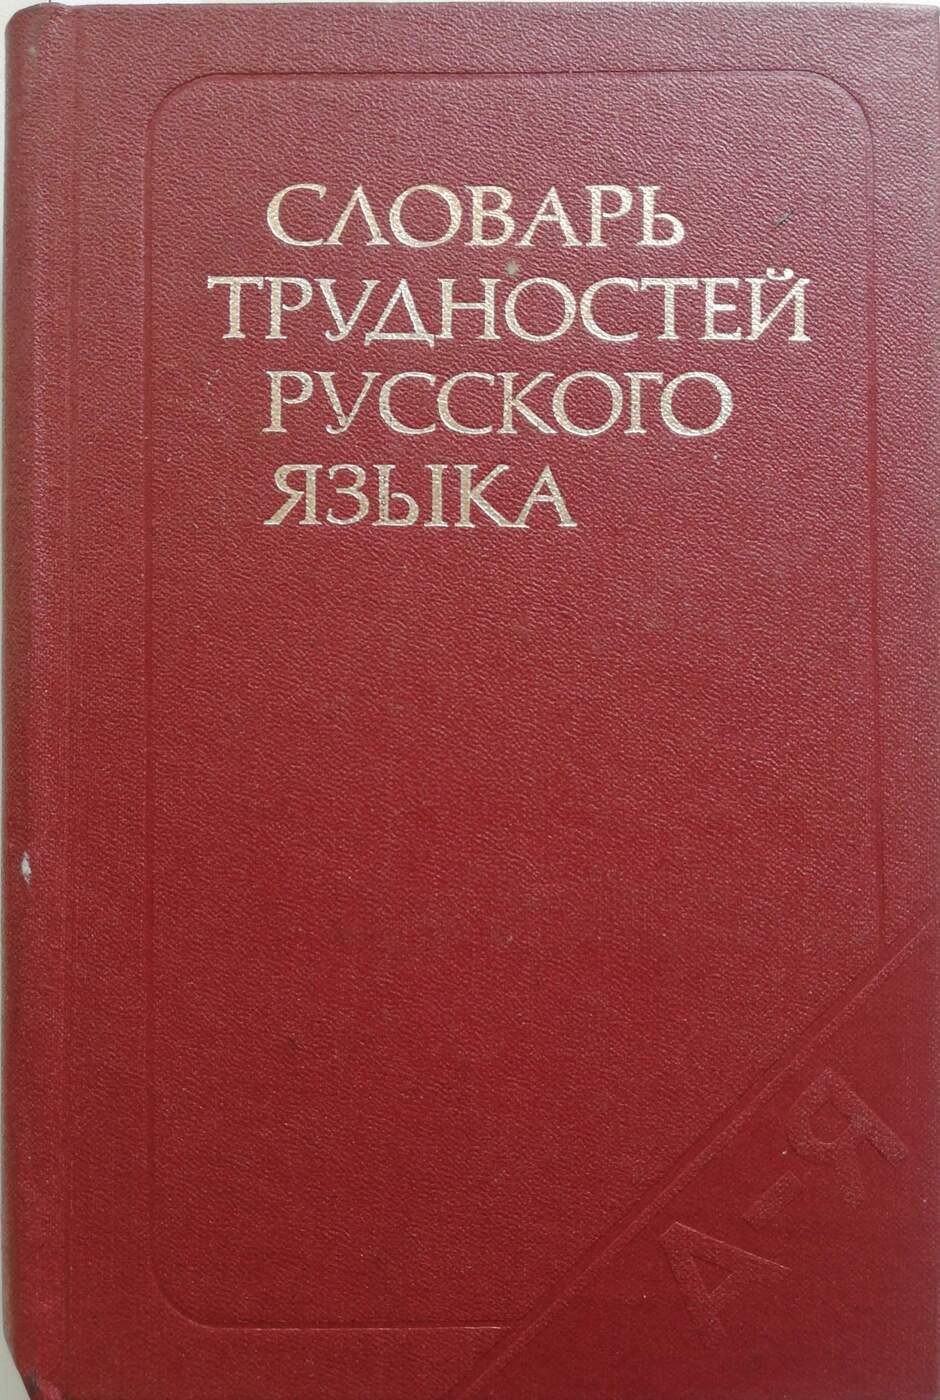 Розенталь Д.Э., Теленкова М.А. Словарь трудностей русского языка